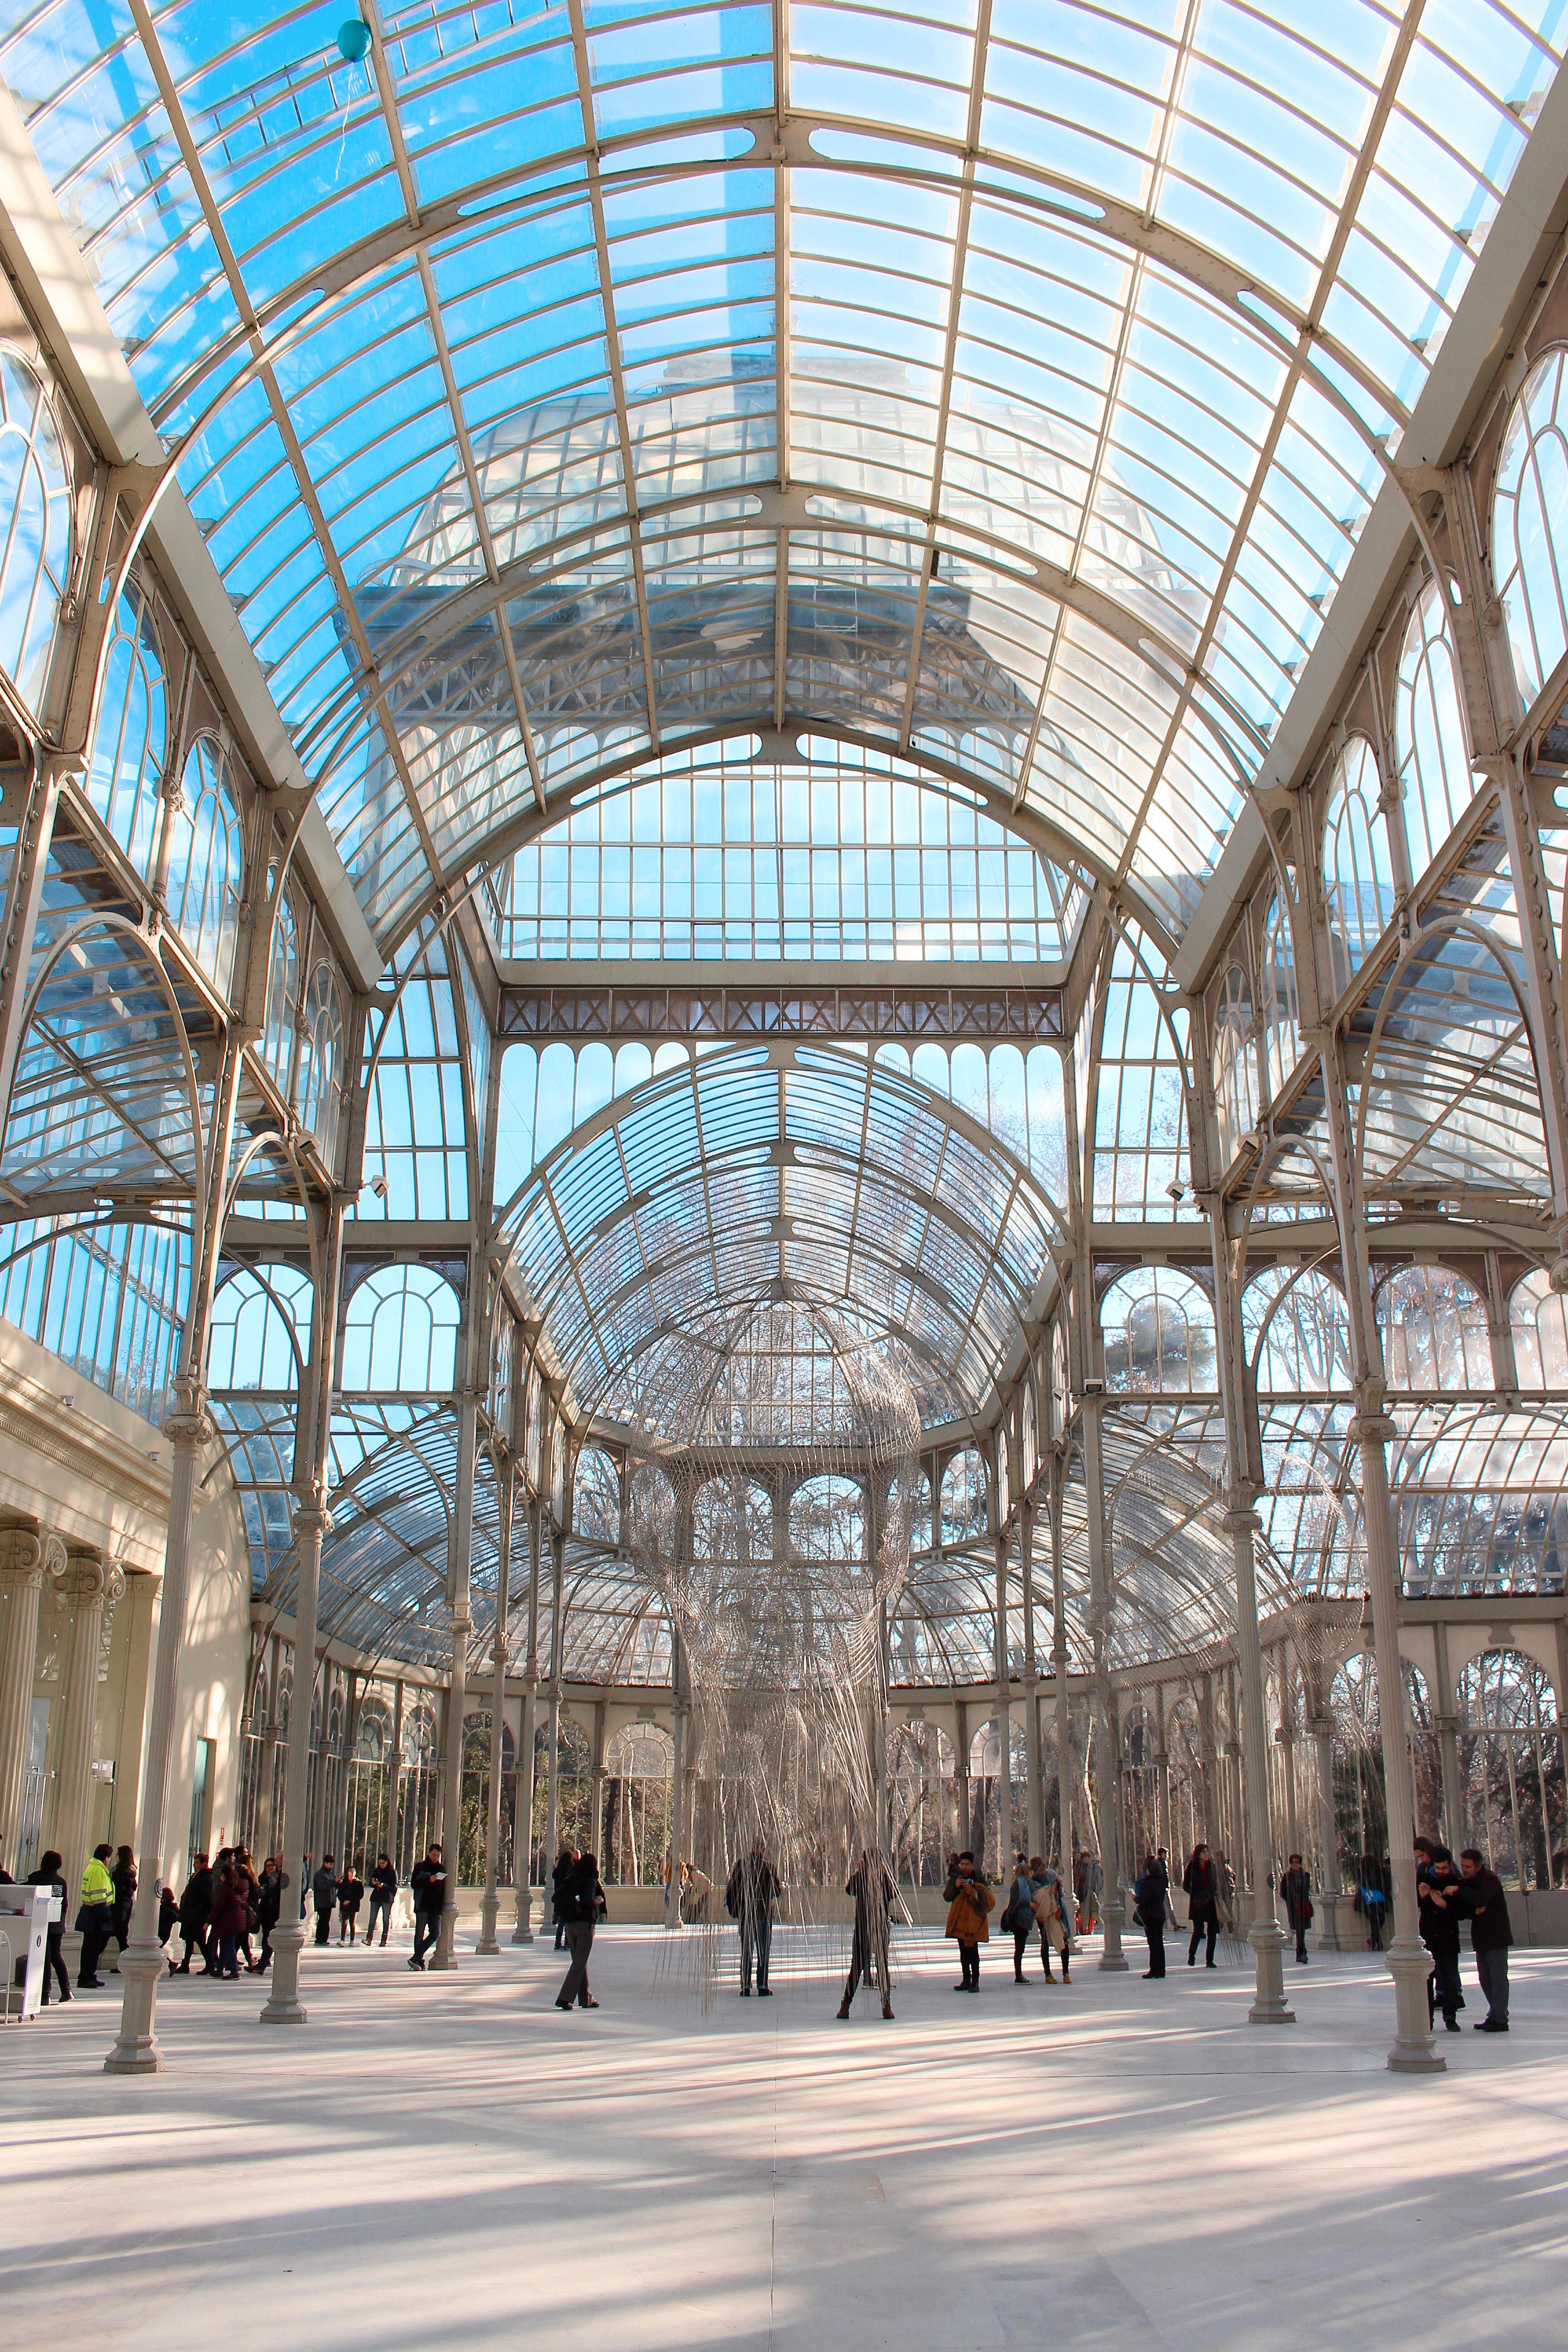 L'incredibile prospettiva all'interno del Palacio de Cristal